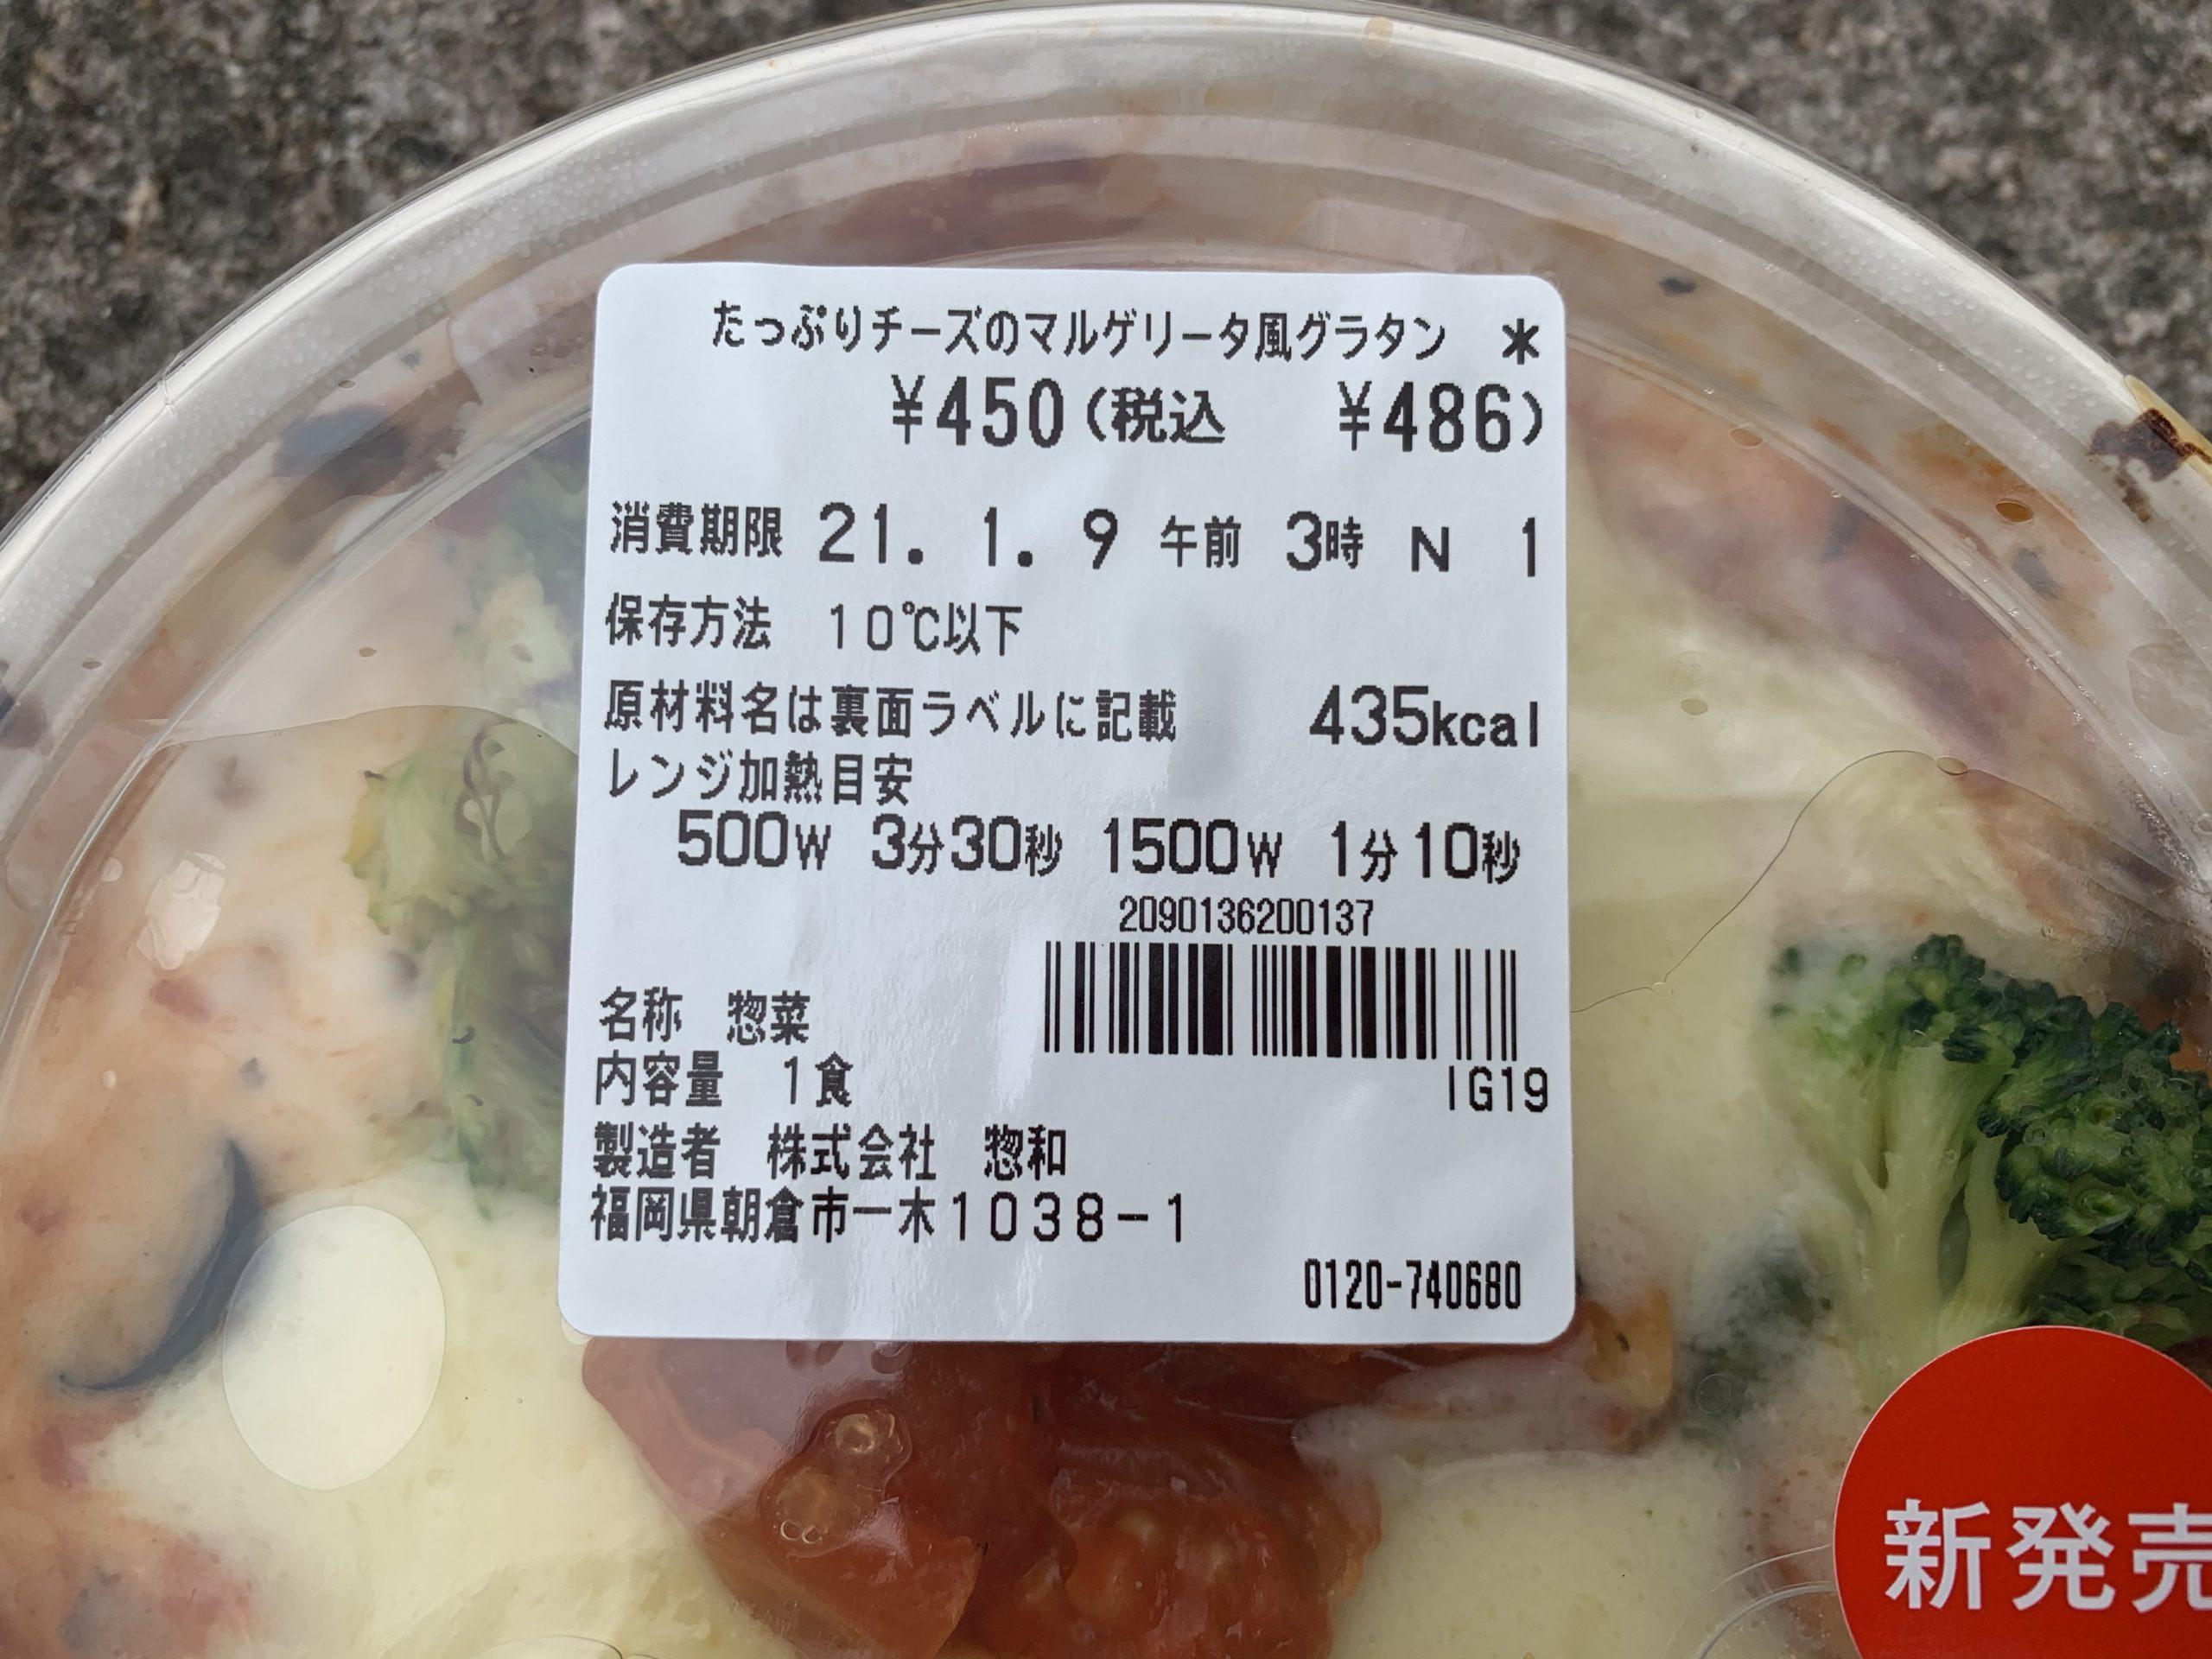 たっぷりチーズのマルゲリータ風グラタンの価格